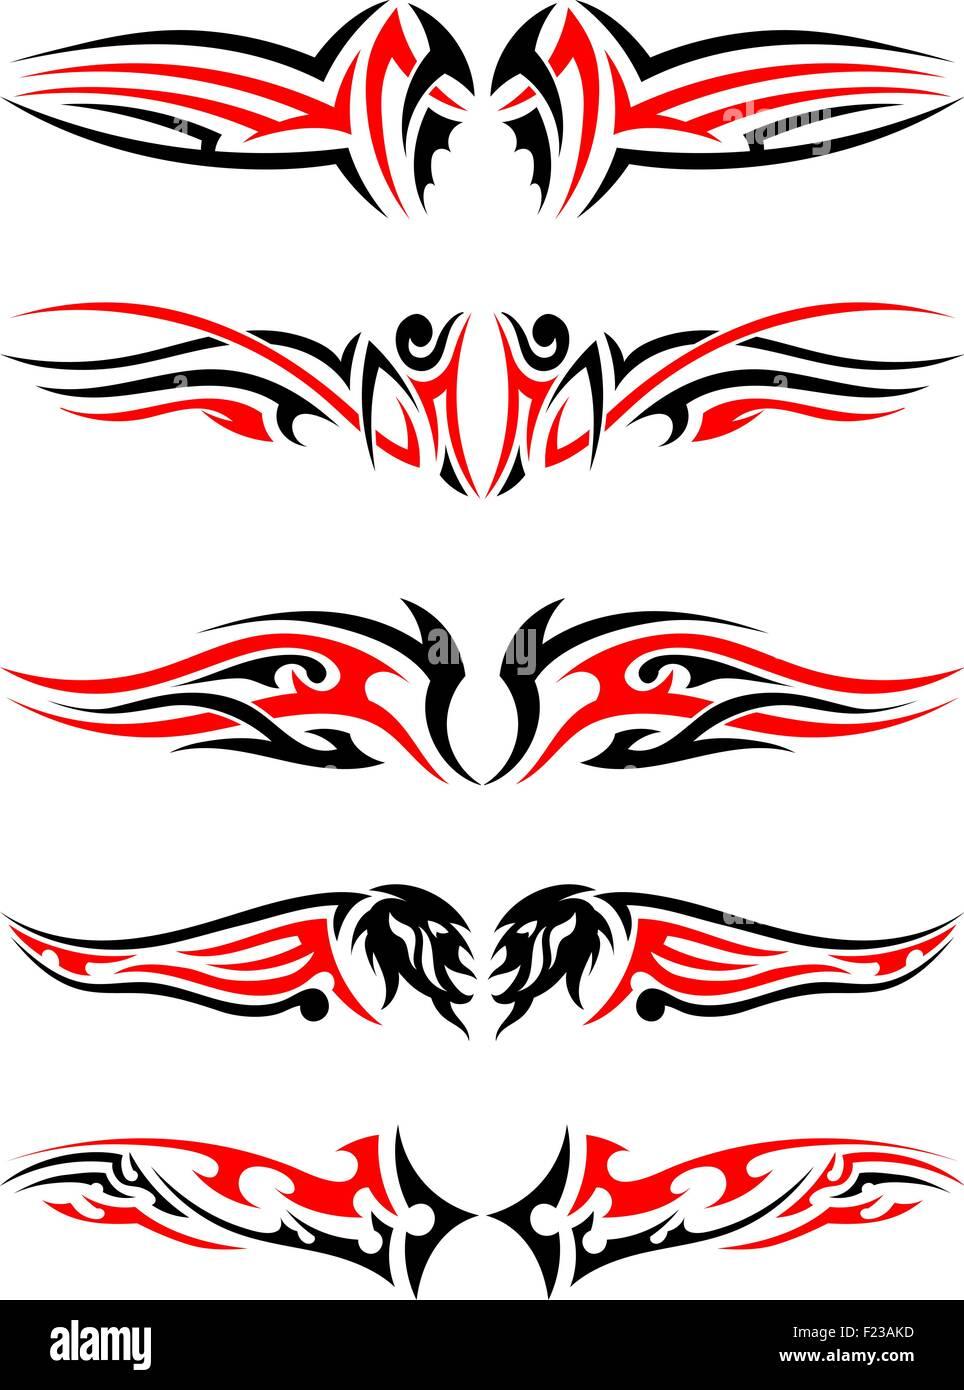 Conjunto De Tatuajes Indígenas Tribales En Colores Rojo Y Negro